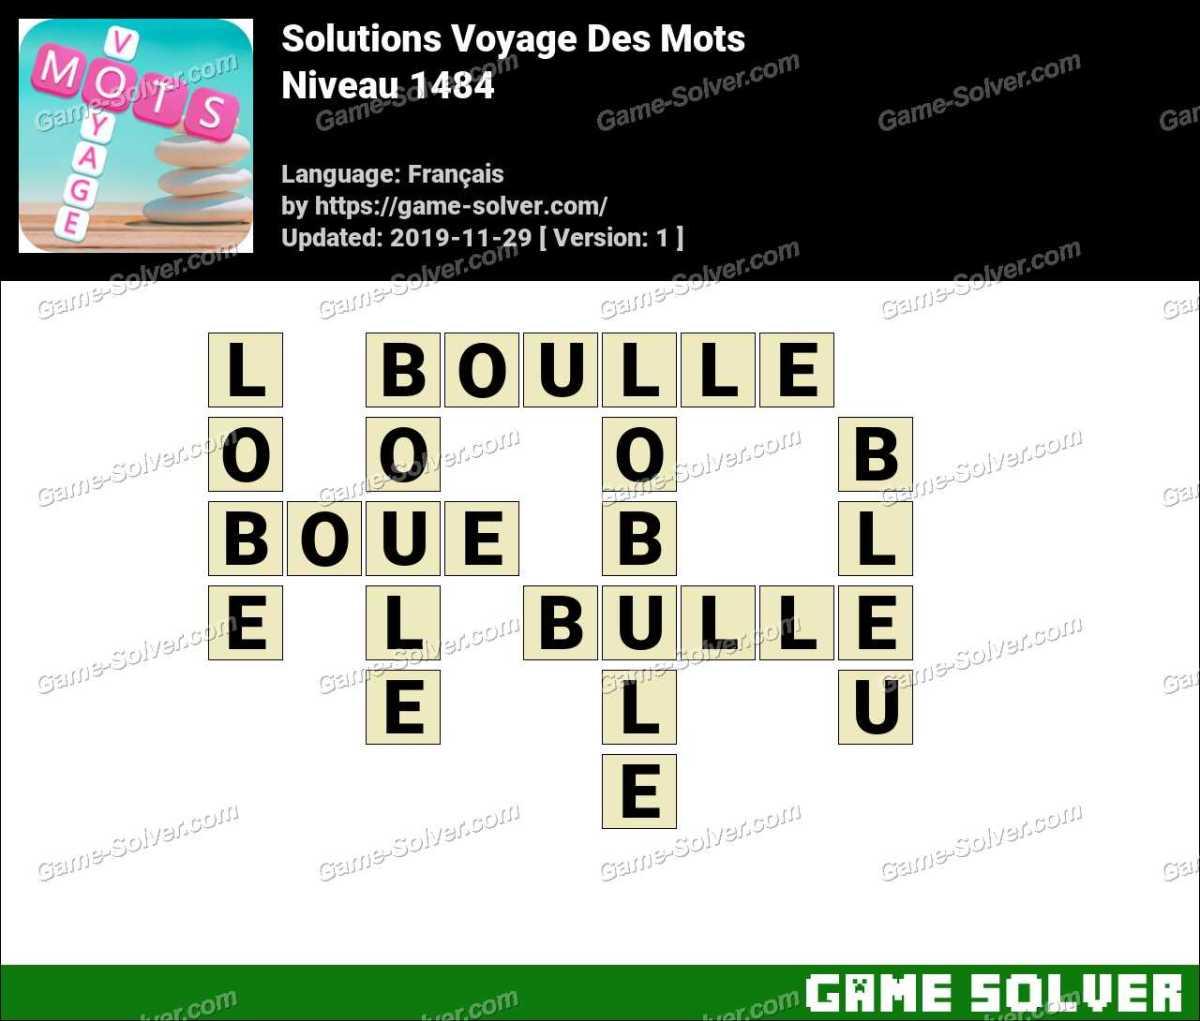 Solution Voyage Des Mots Niveau 1484